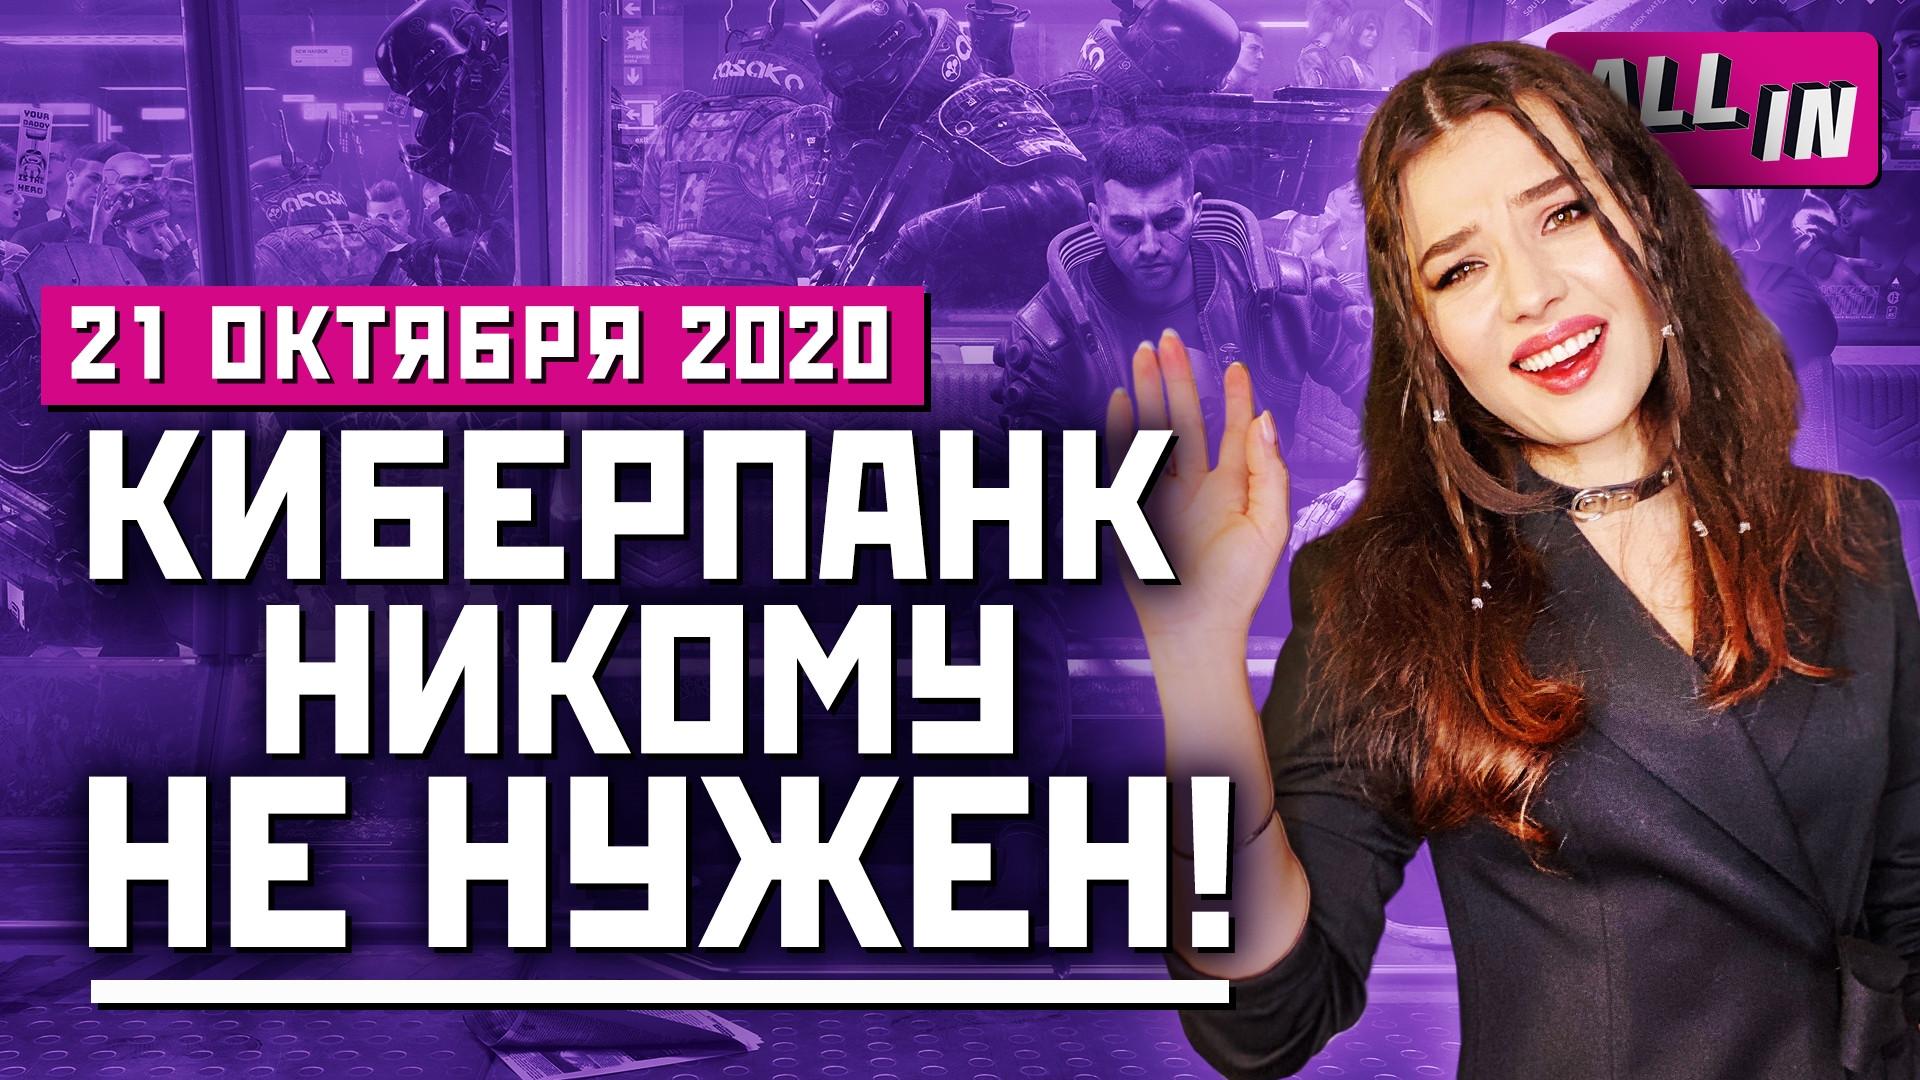 Нейросеть для Cyberpunk 2077, кризис Denuvo, путешествия ассасинов. Игровые новости ALL IN21.10